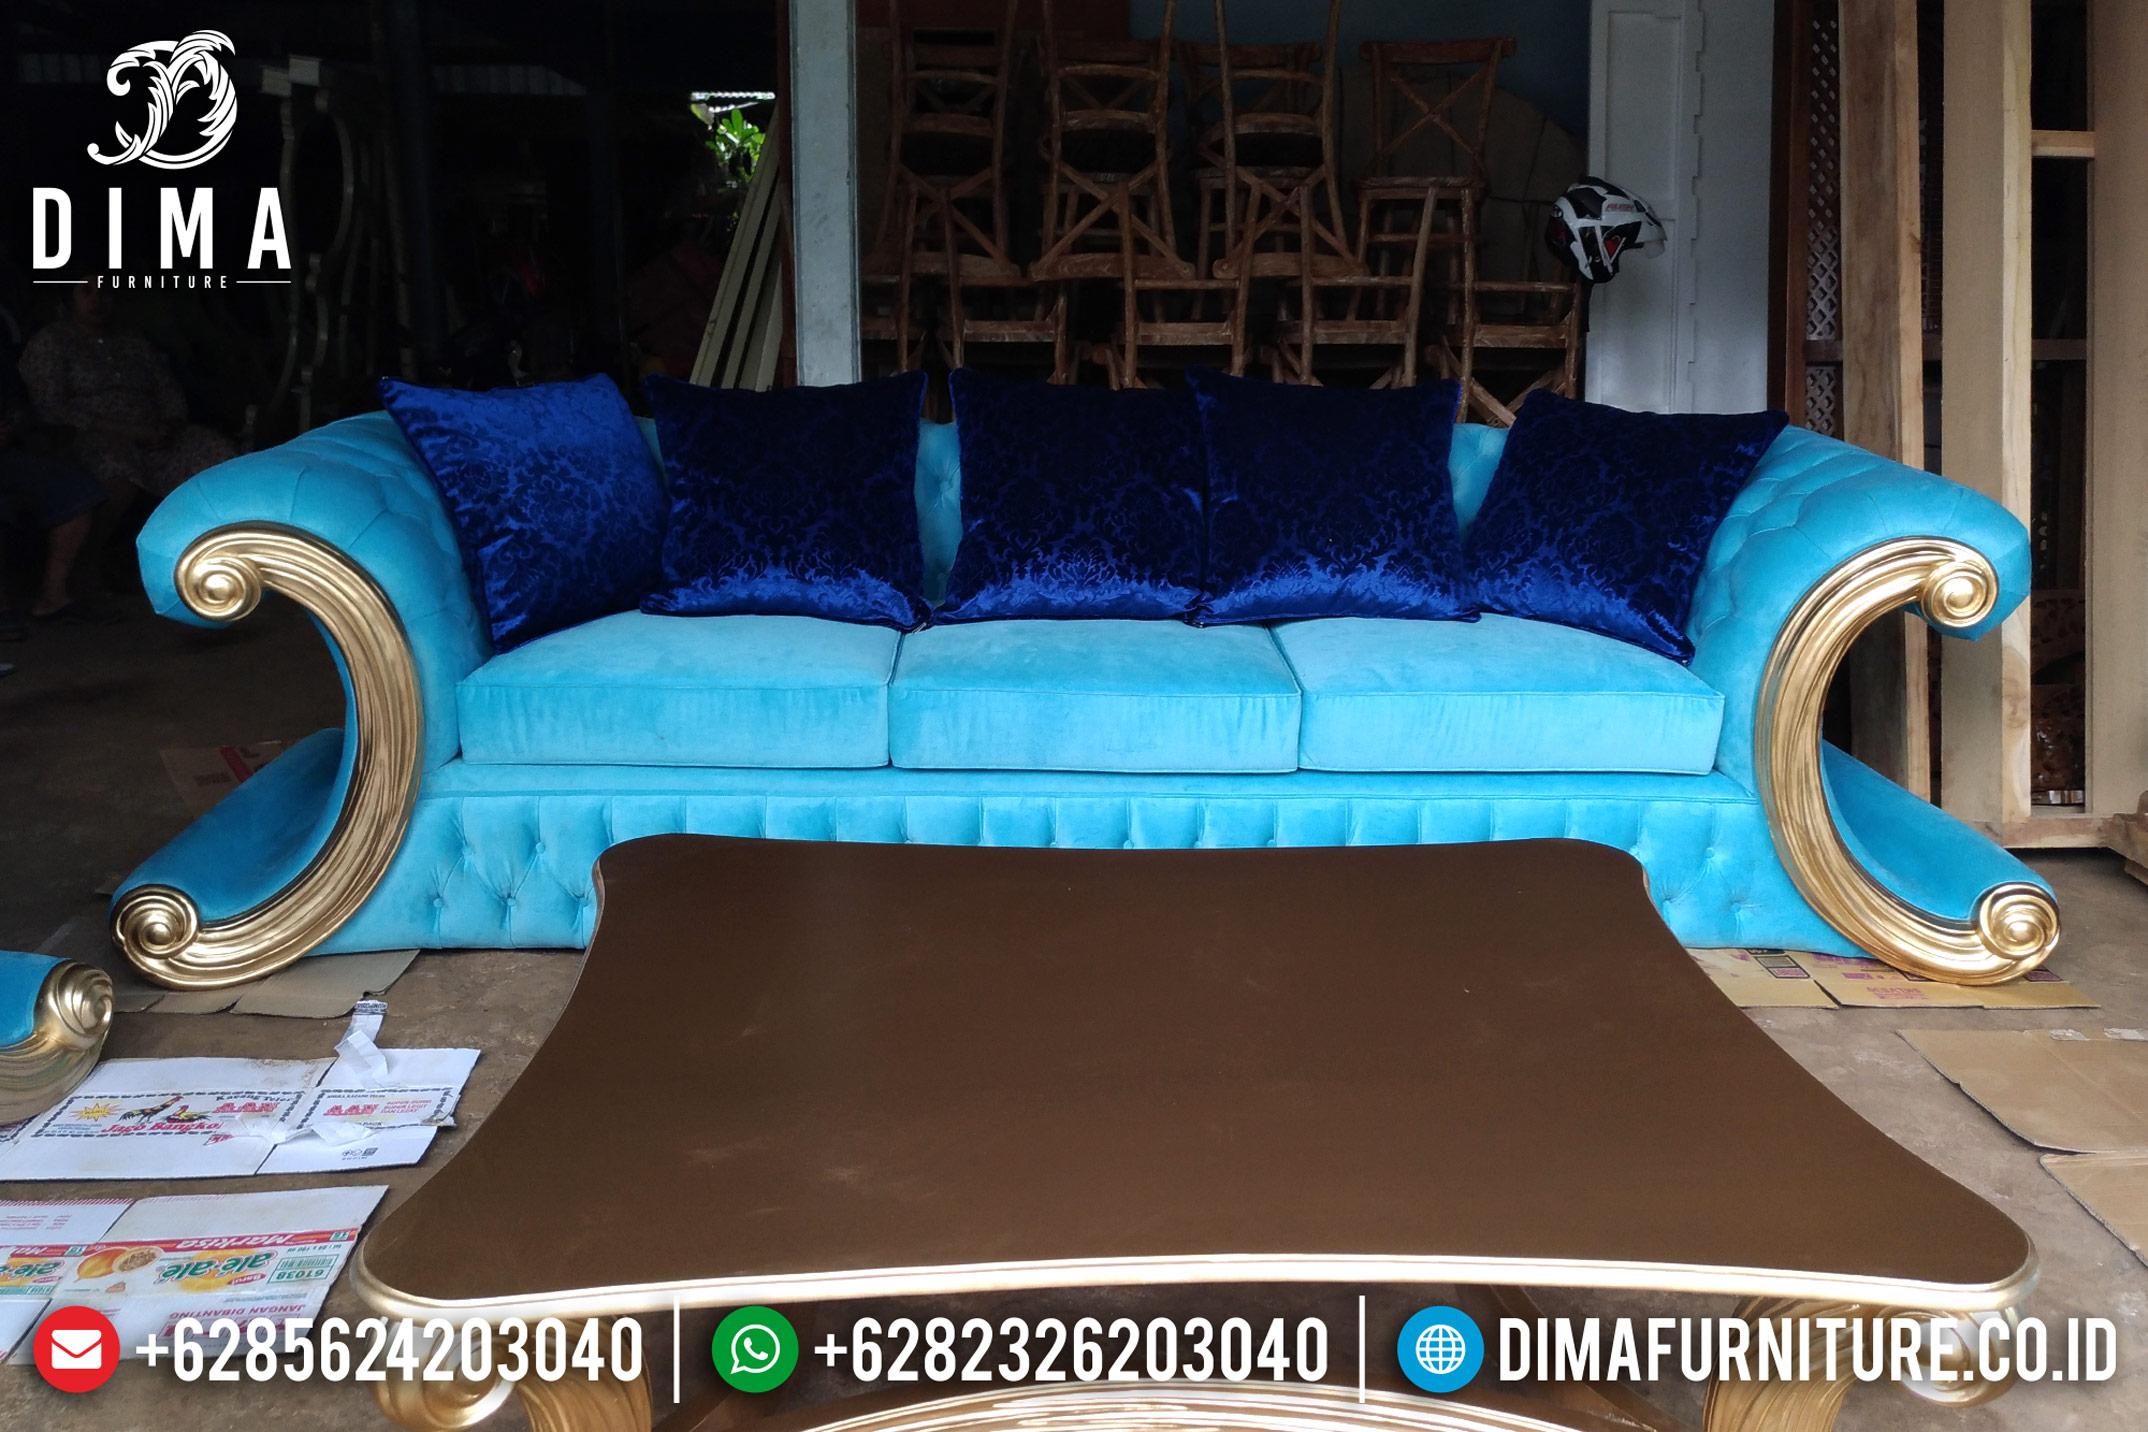 Beli Model Set Kursi Sofa Tamu Mewah Jepara Terbaru Gold Jackson DF-0862 Gambar 1